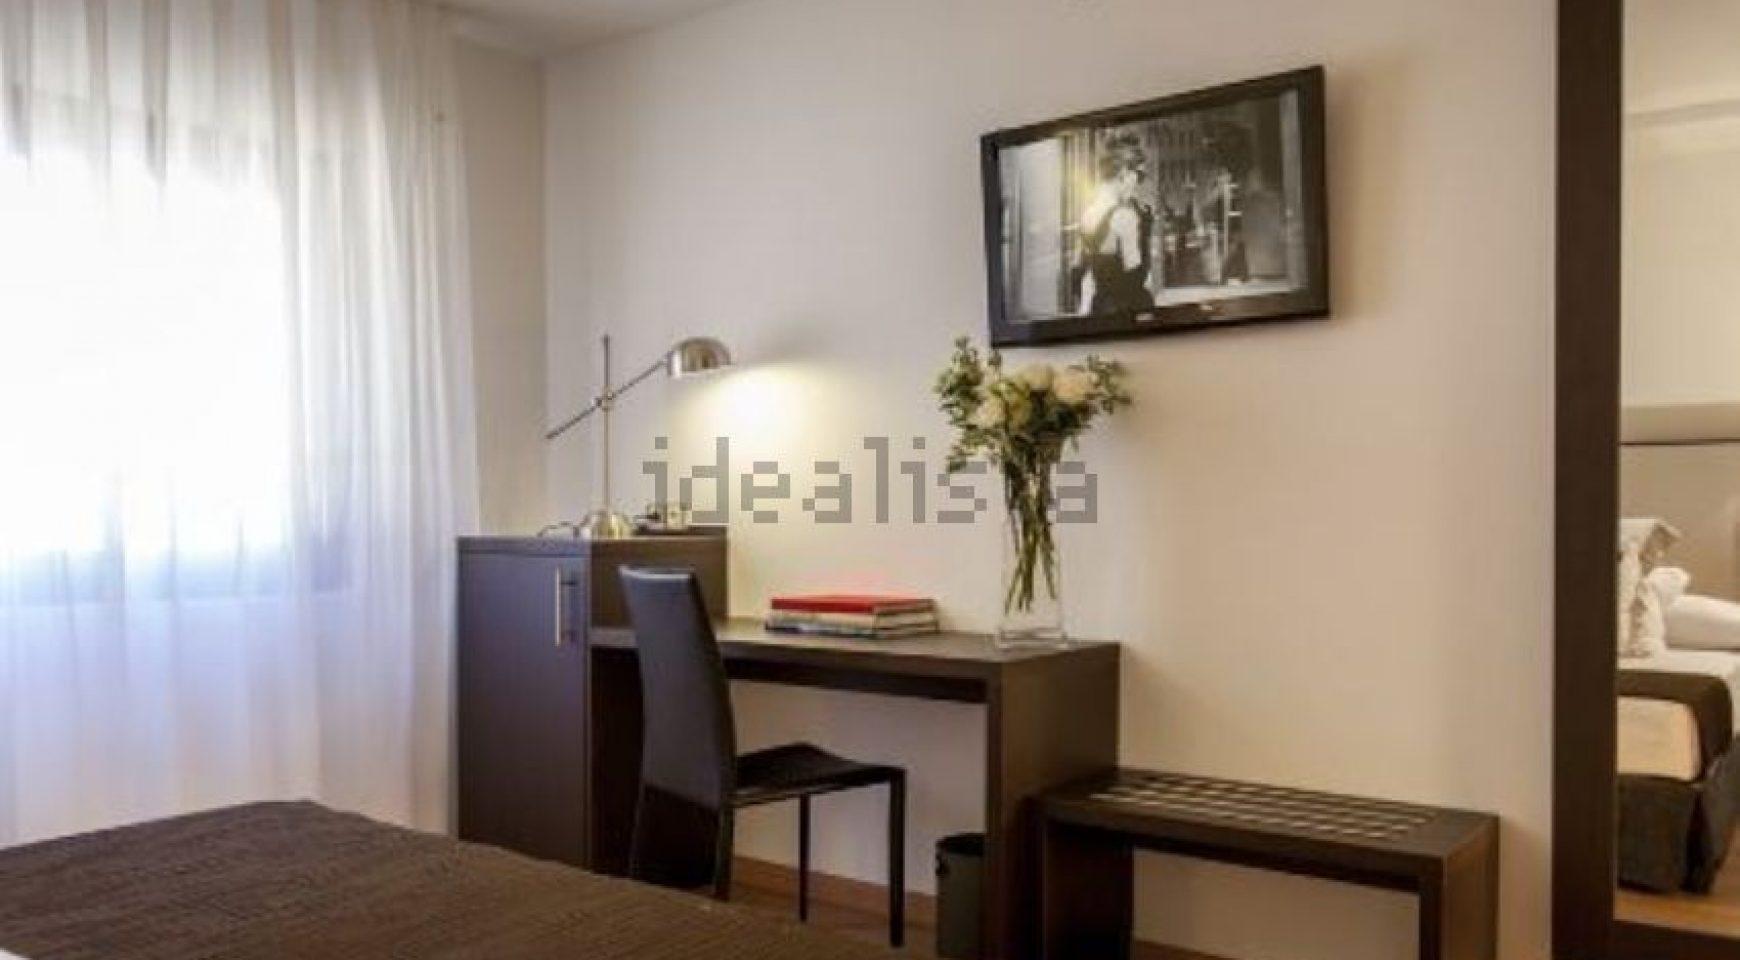 Alquiler de estudios y apartamentos por dias y meses en for Alquiler habitacion sevilla por dias